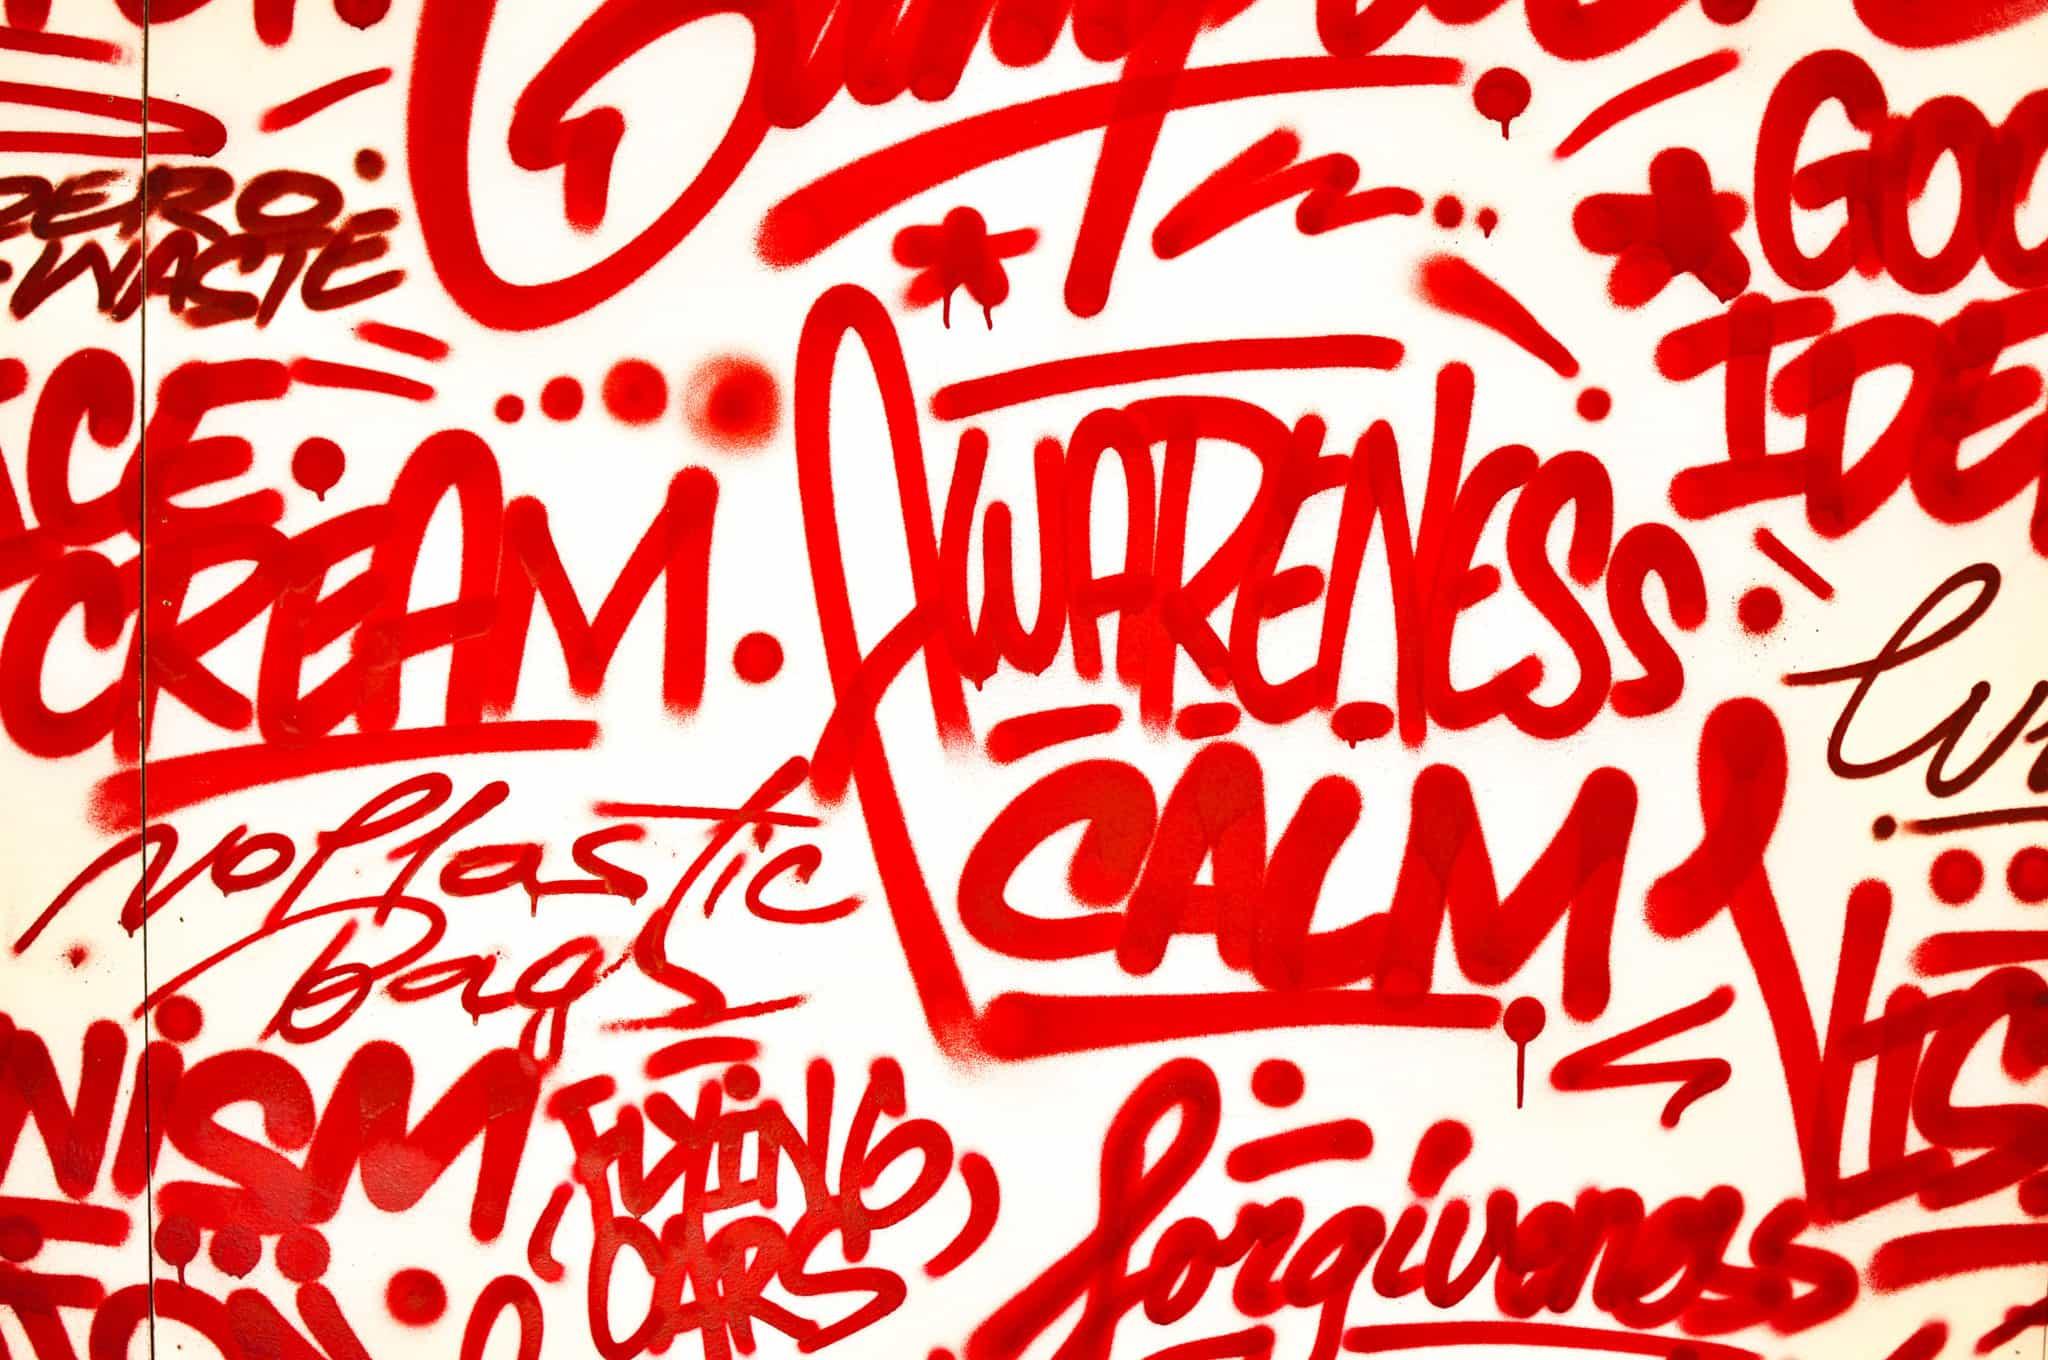 TEDx Graffiti